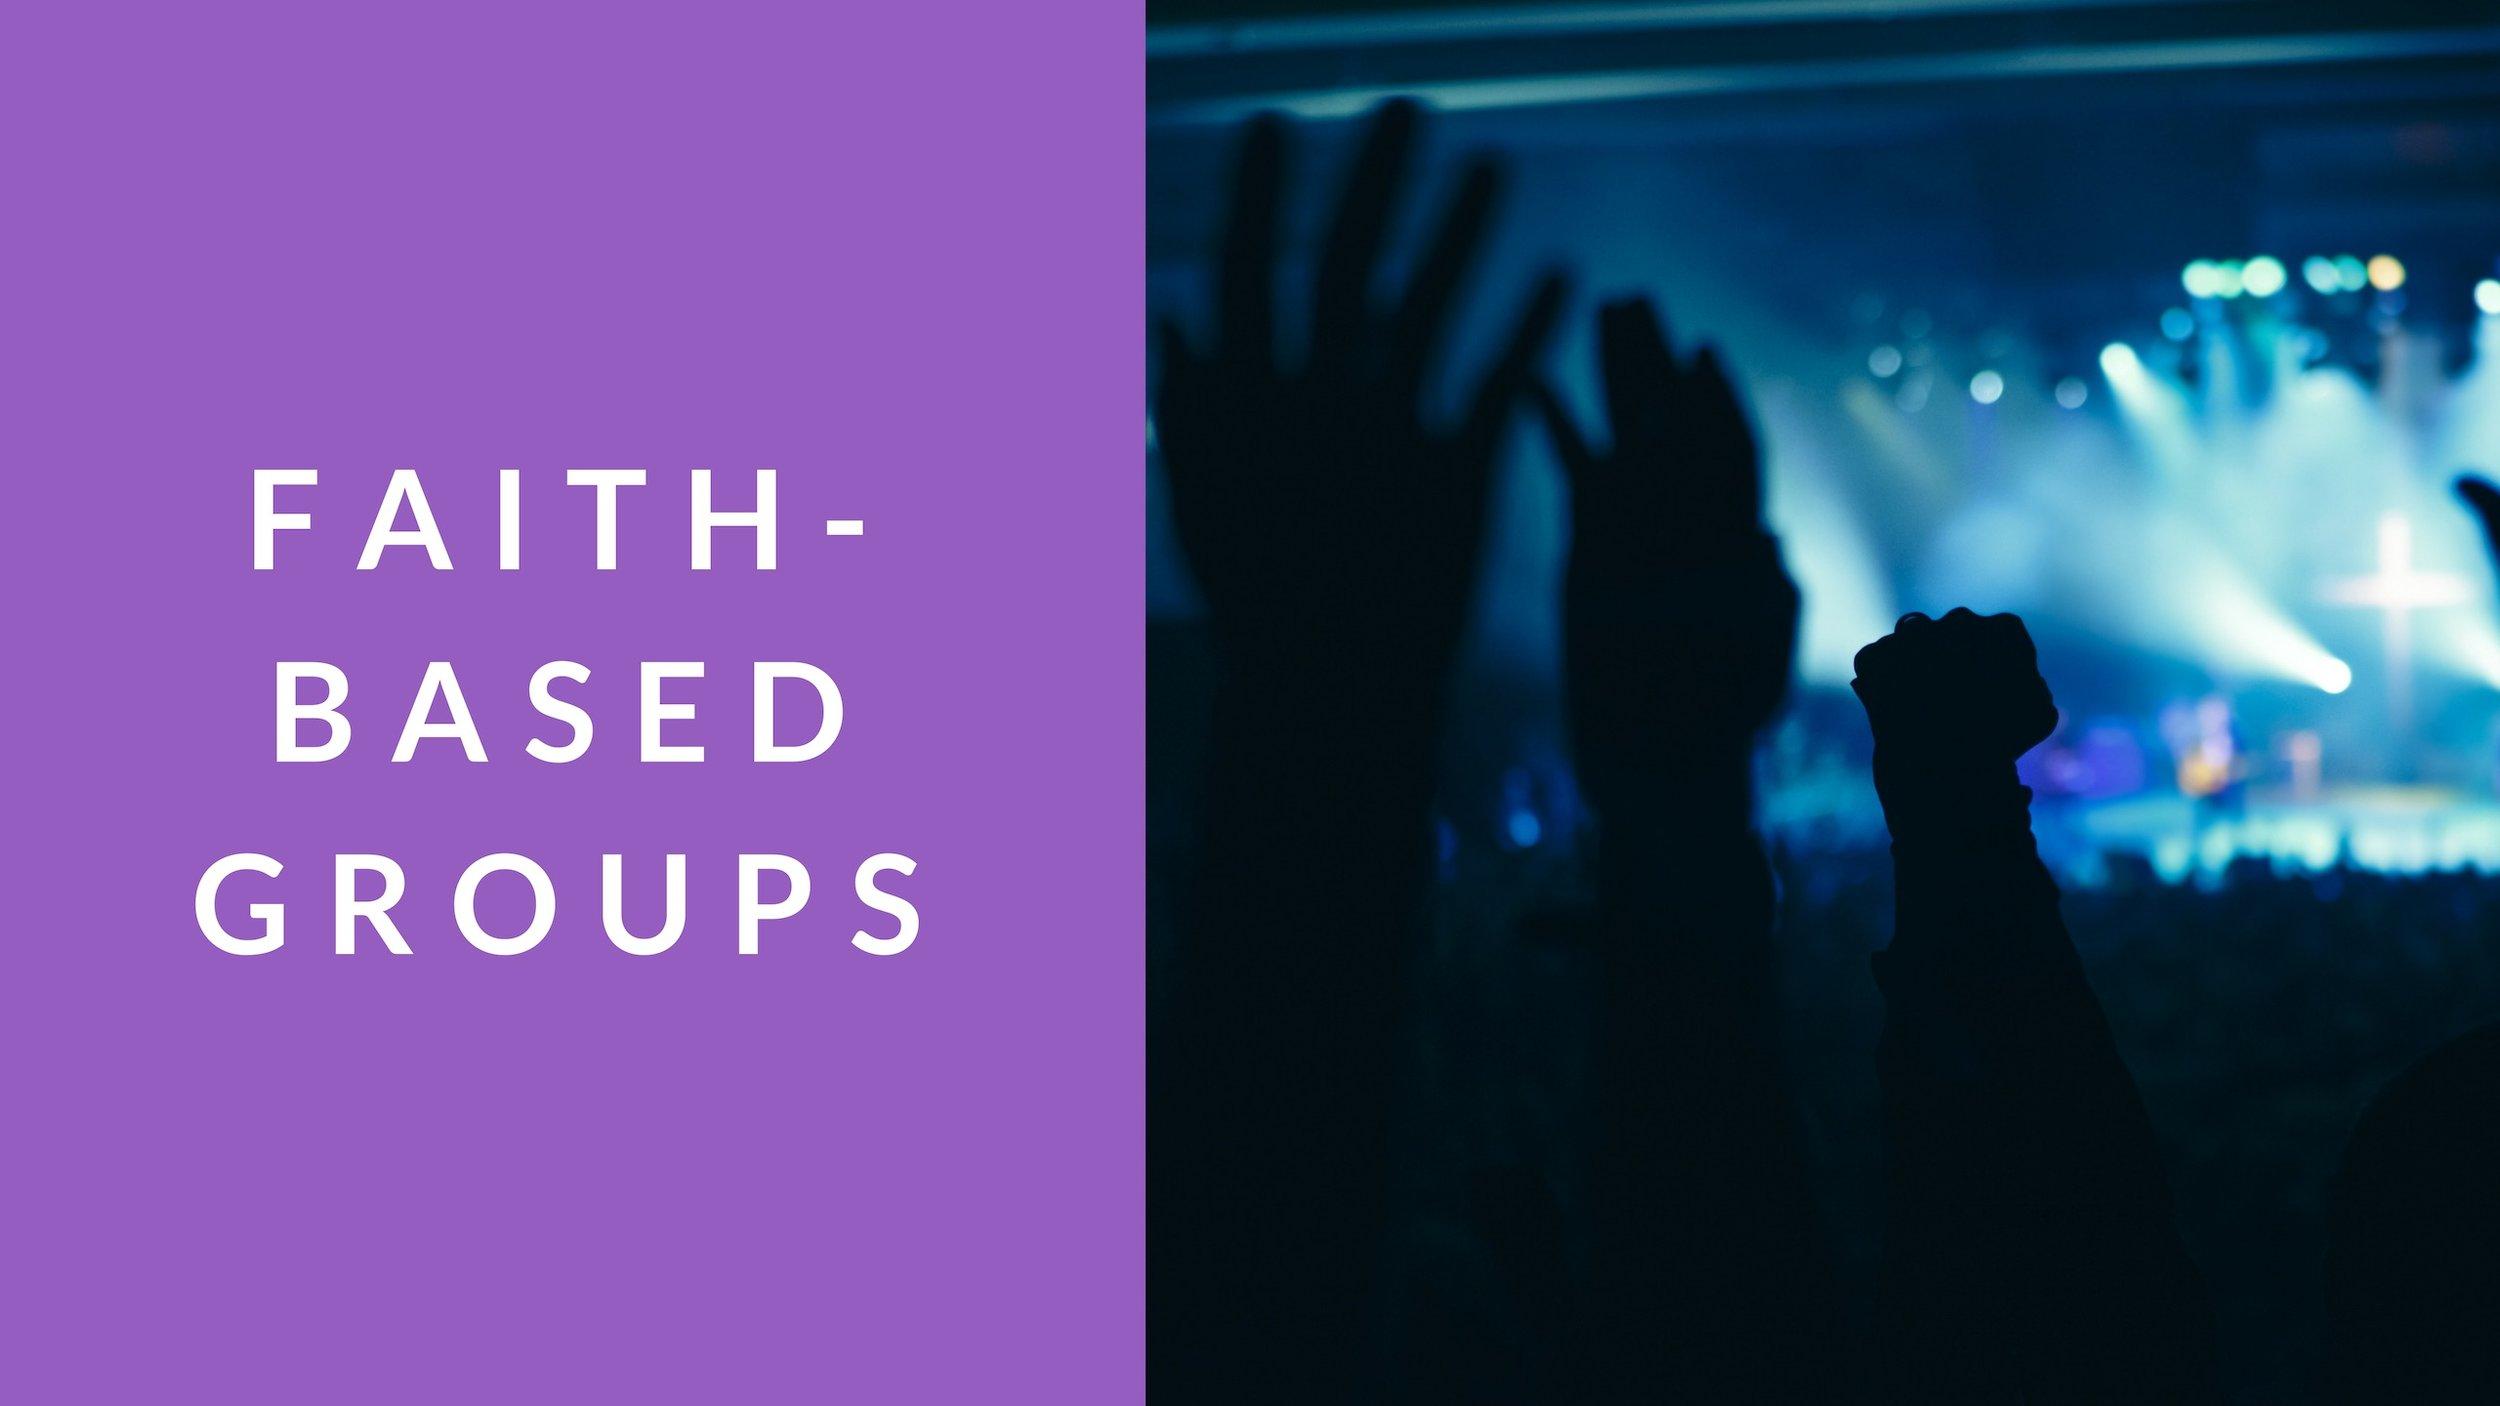 Design - Faith-Based Groups2jpeg.jpg